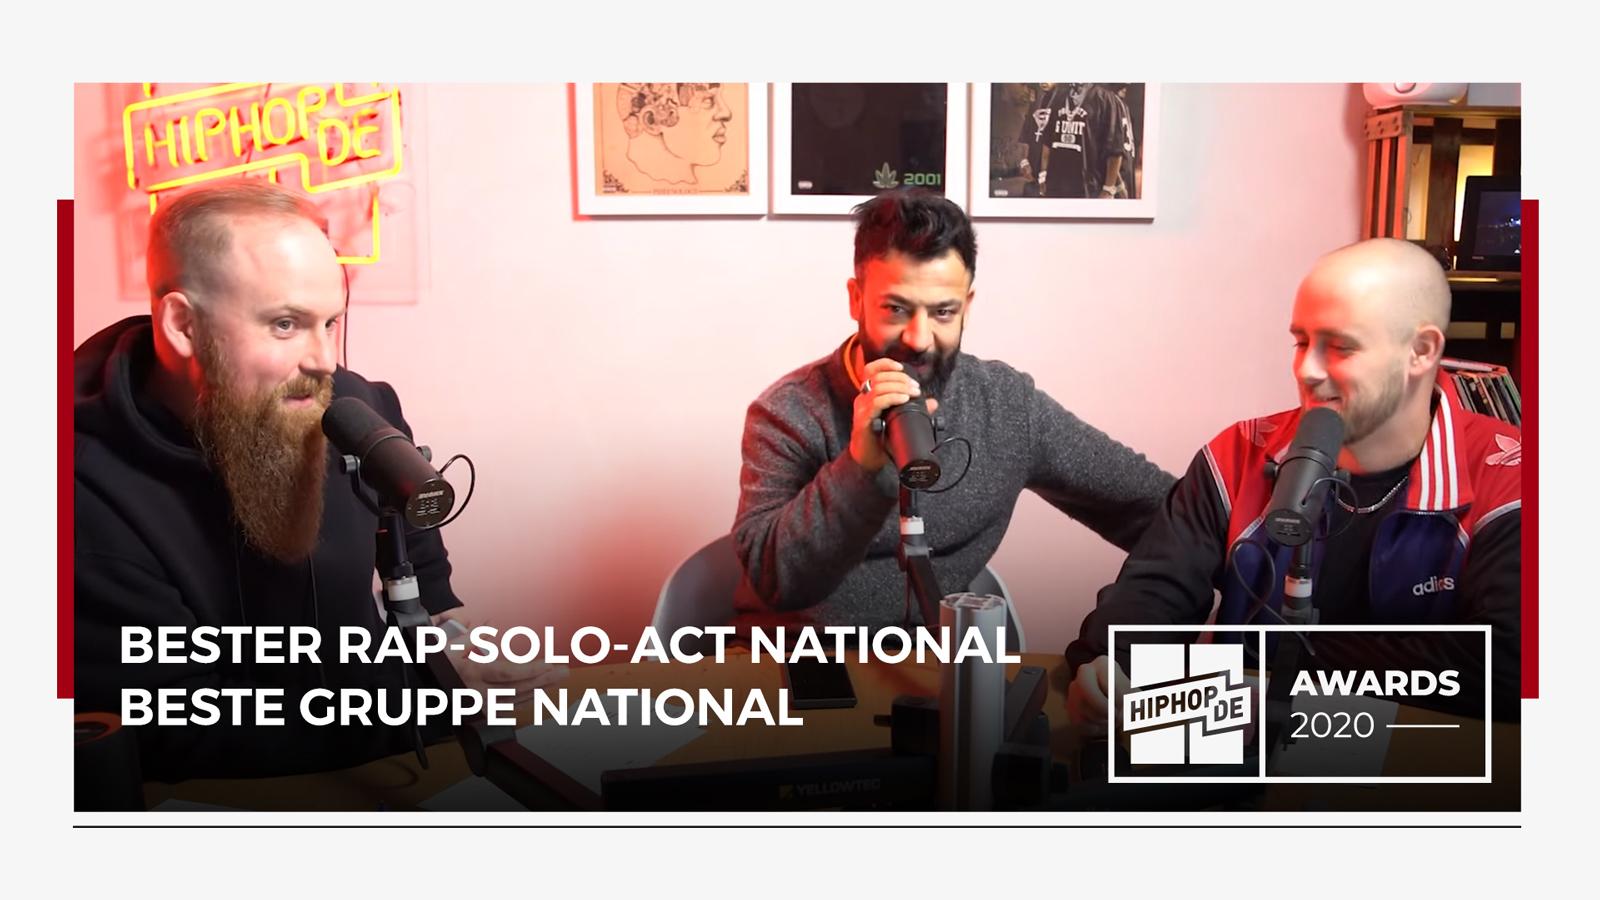 """Jahresrückblick: """"Bester Rap-Solo-Act"""" & """"Beste Gruppe"""" 2020 (4/8) – Hiphop.de Awards 2020 (4/8)"""